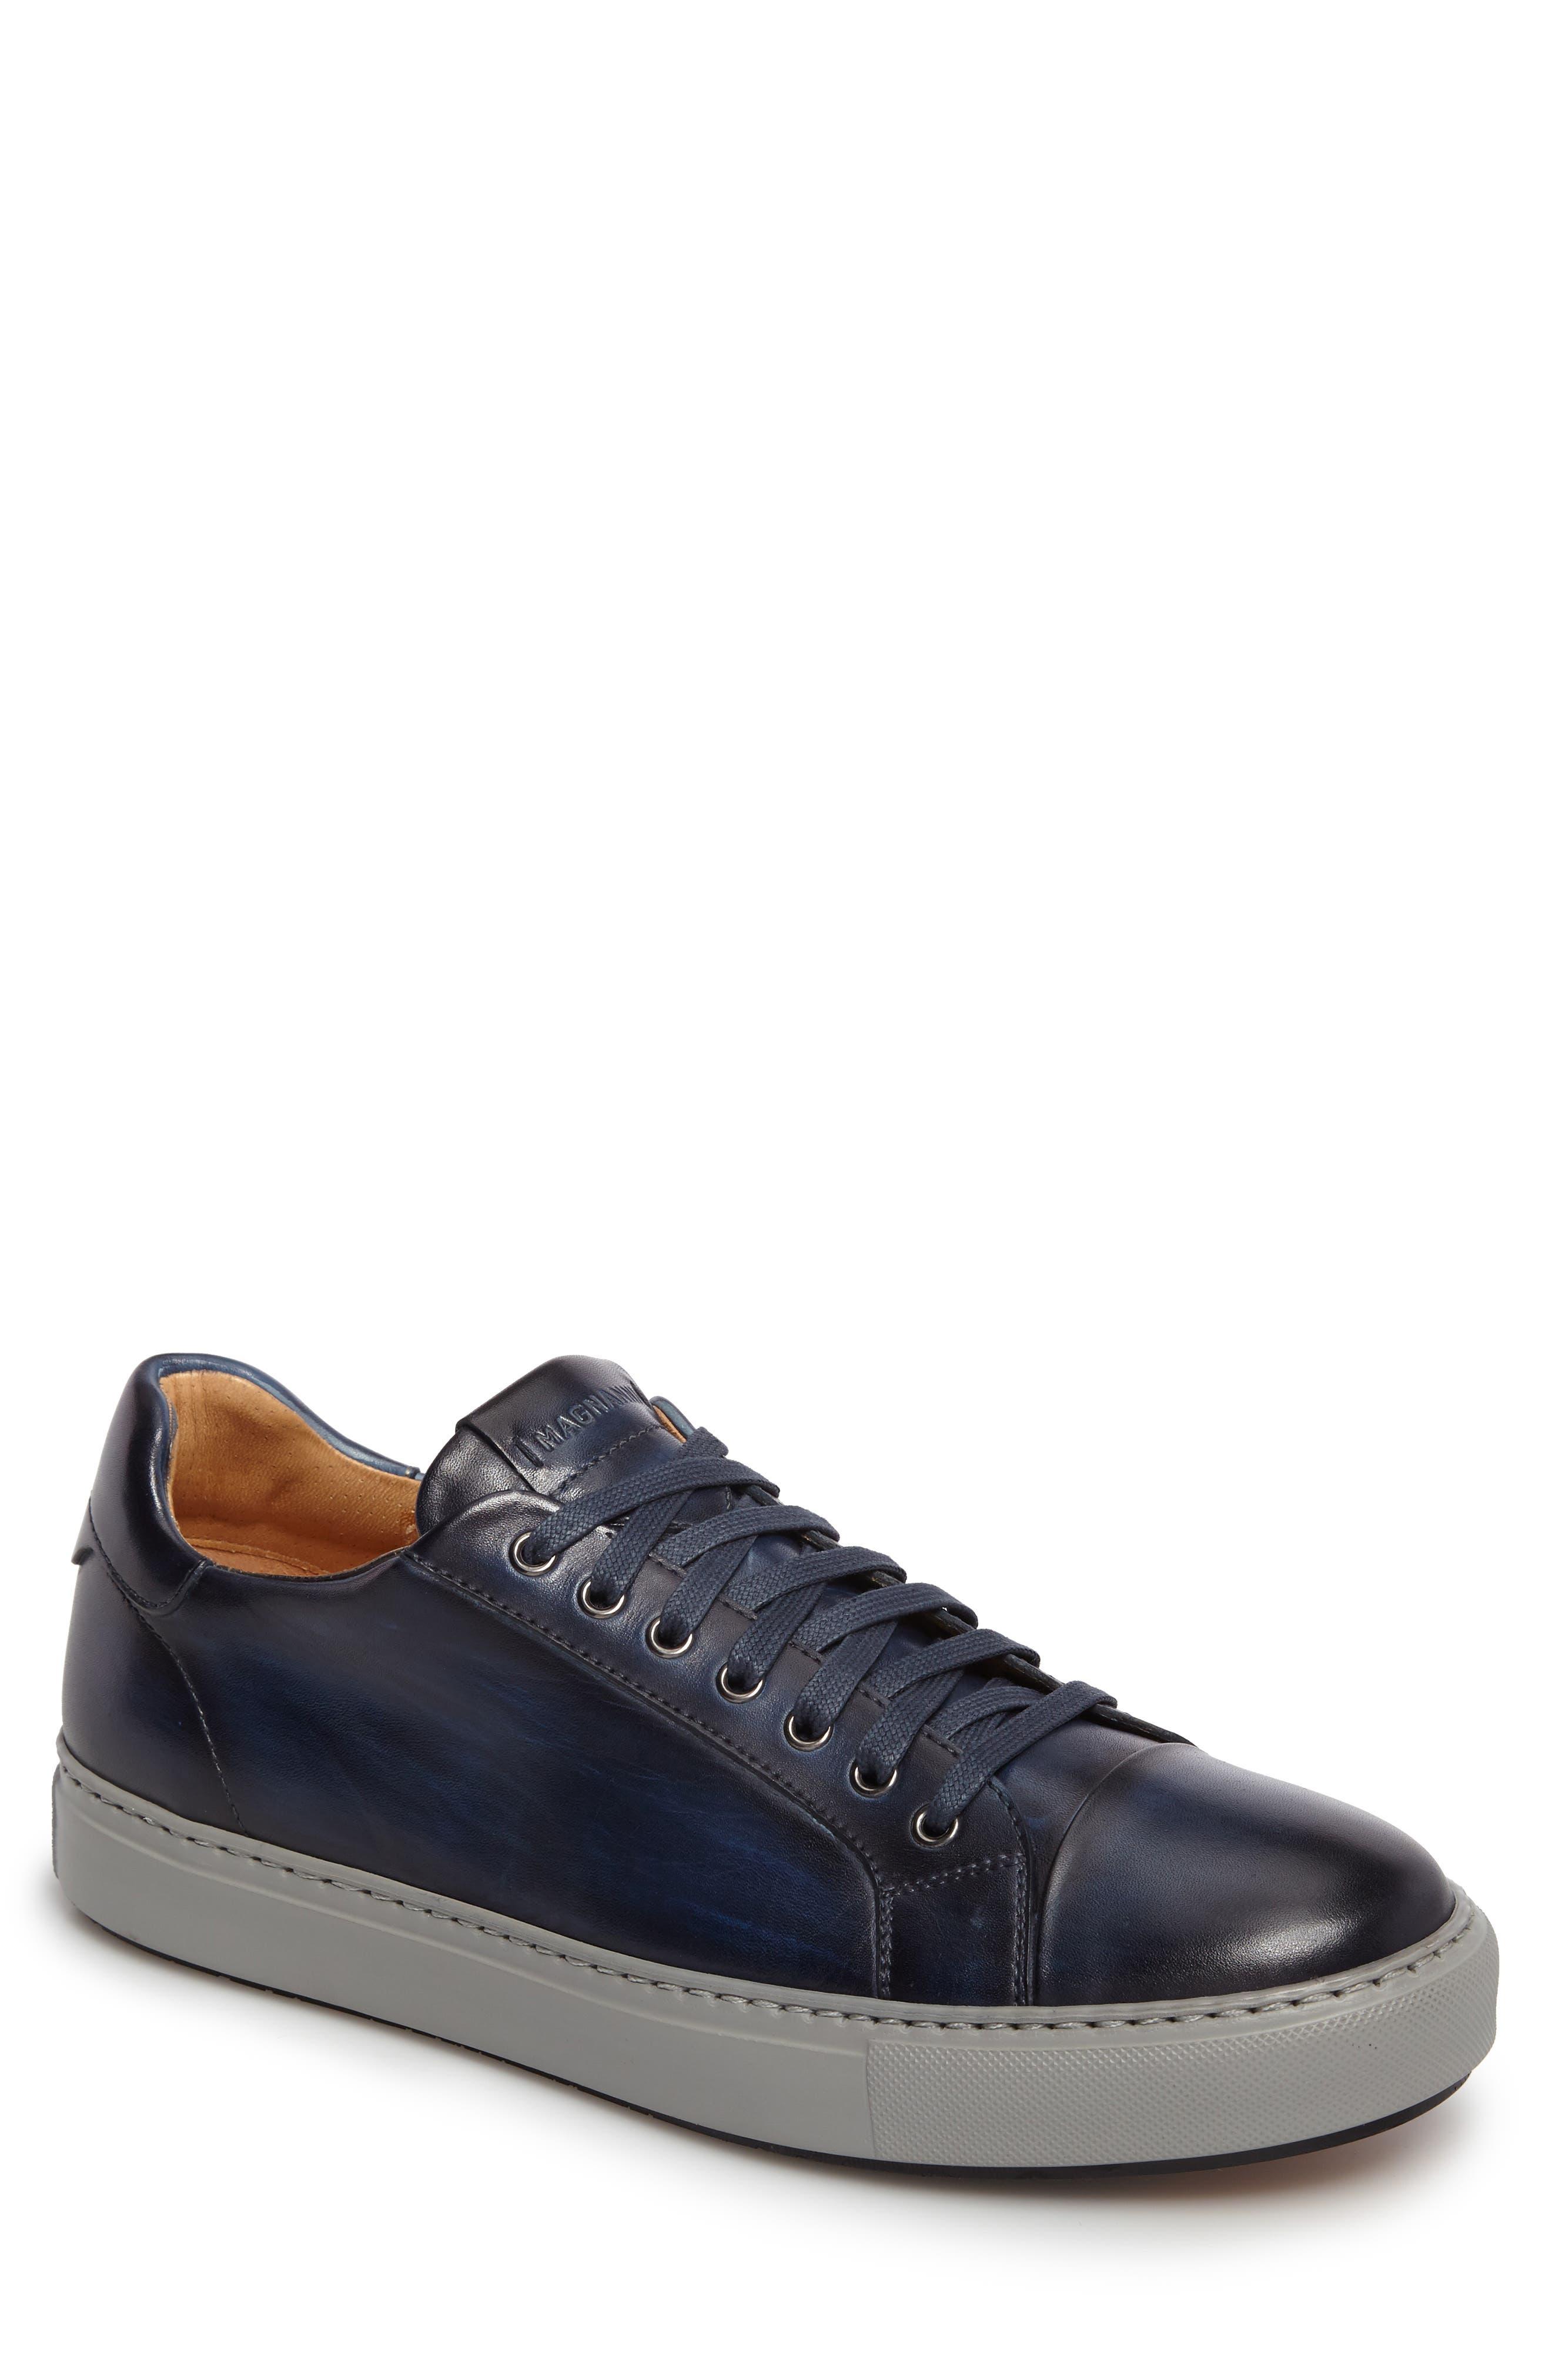 Kaden Lo Sneaker,                         Main,                         color, 415